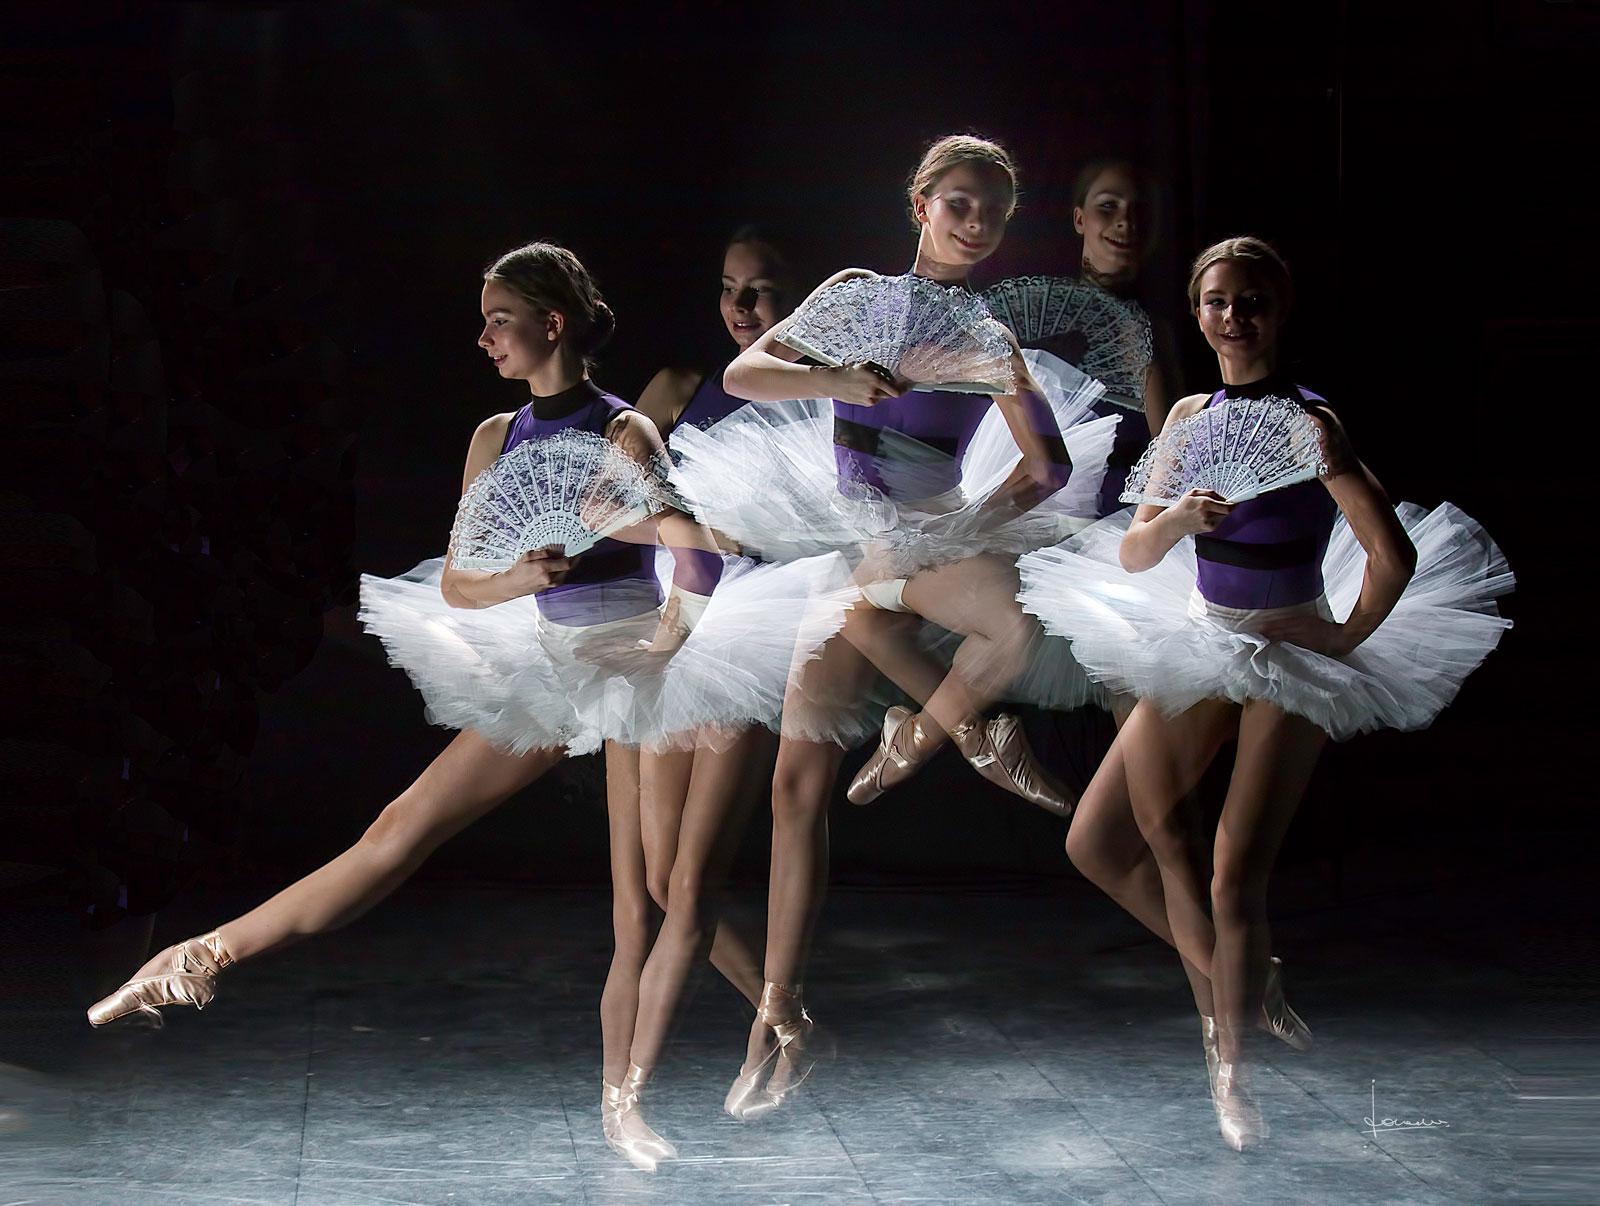 Foto van een jonge ballerina als stroboscoop.